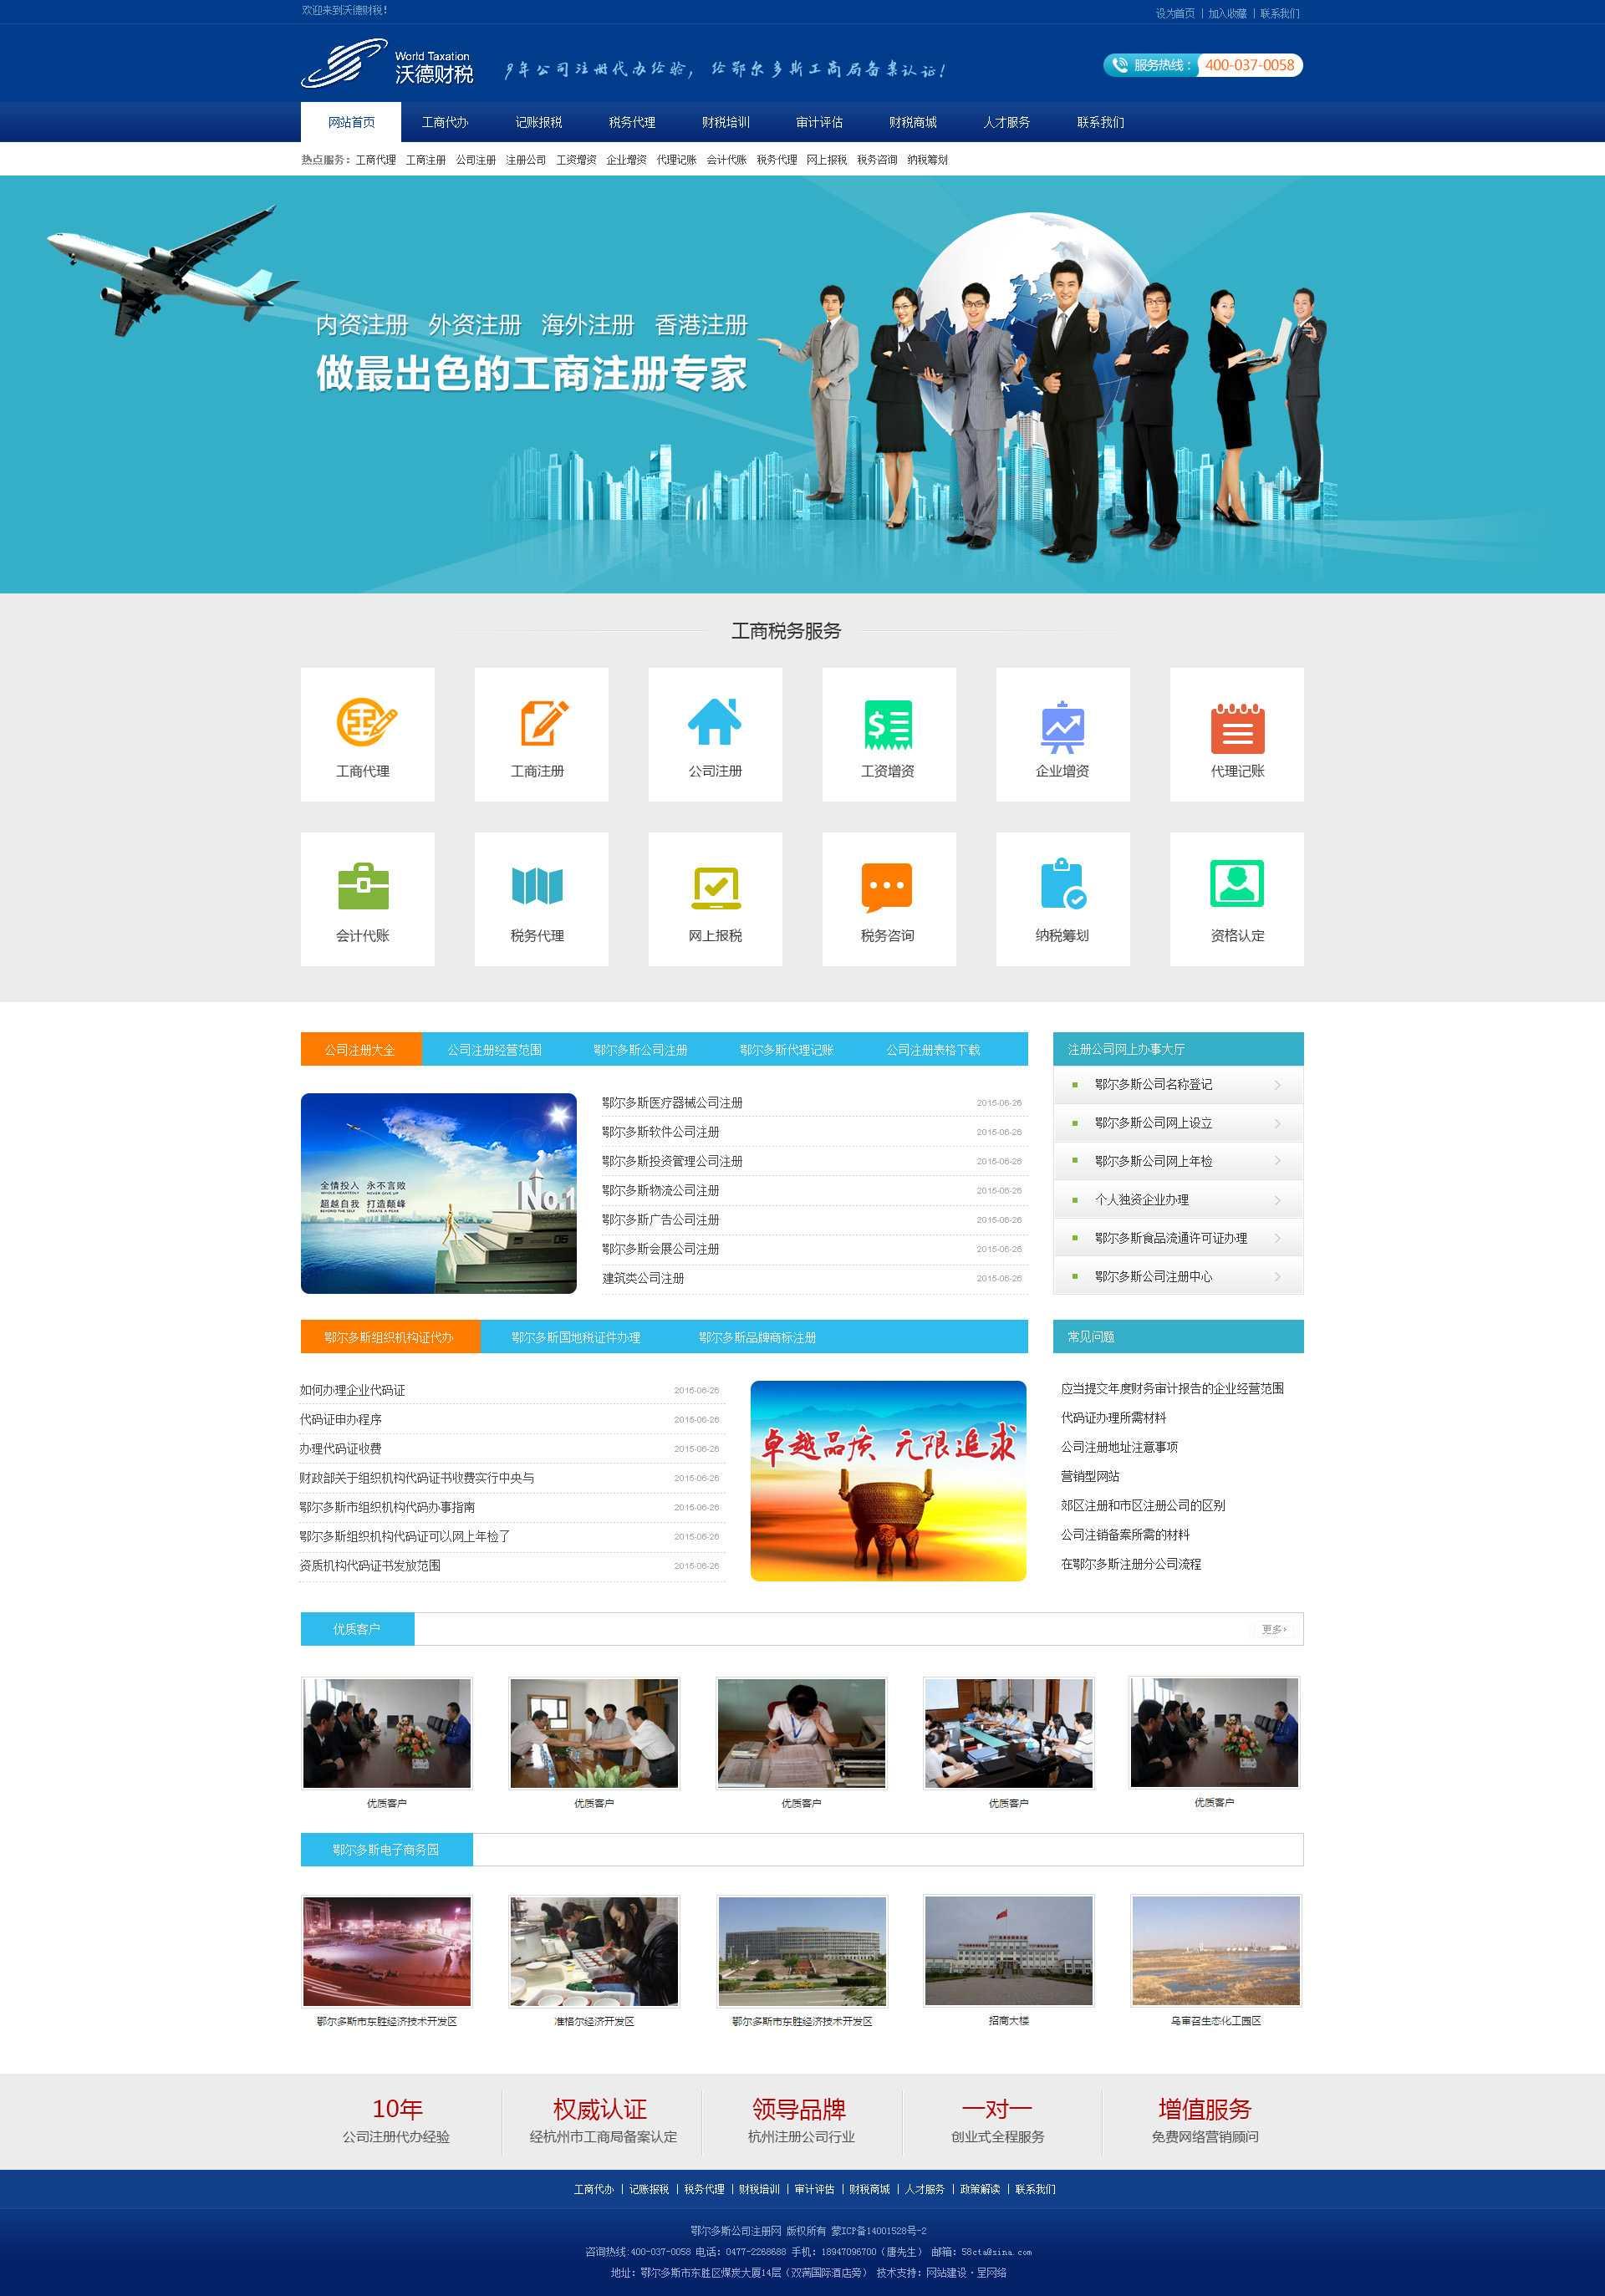 蓝色的企业代理财税公司网站html网页模板下载